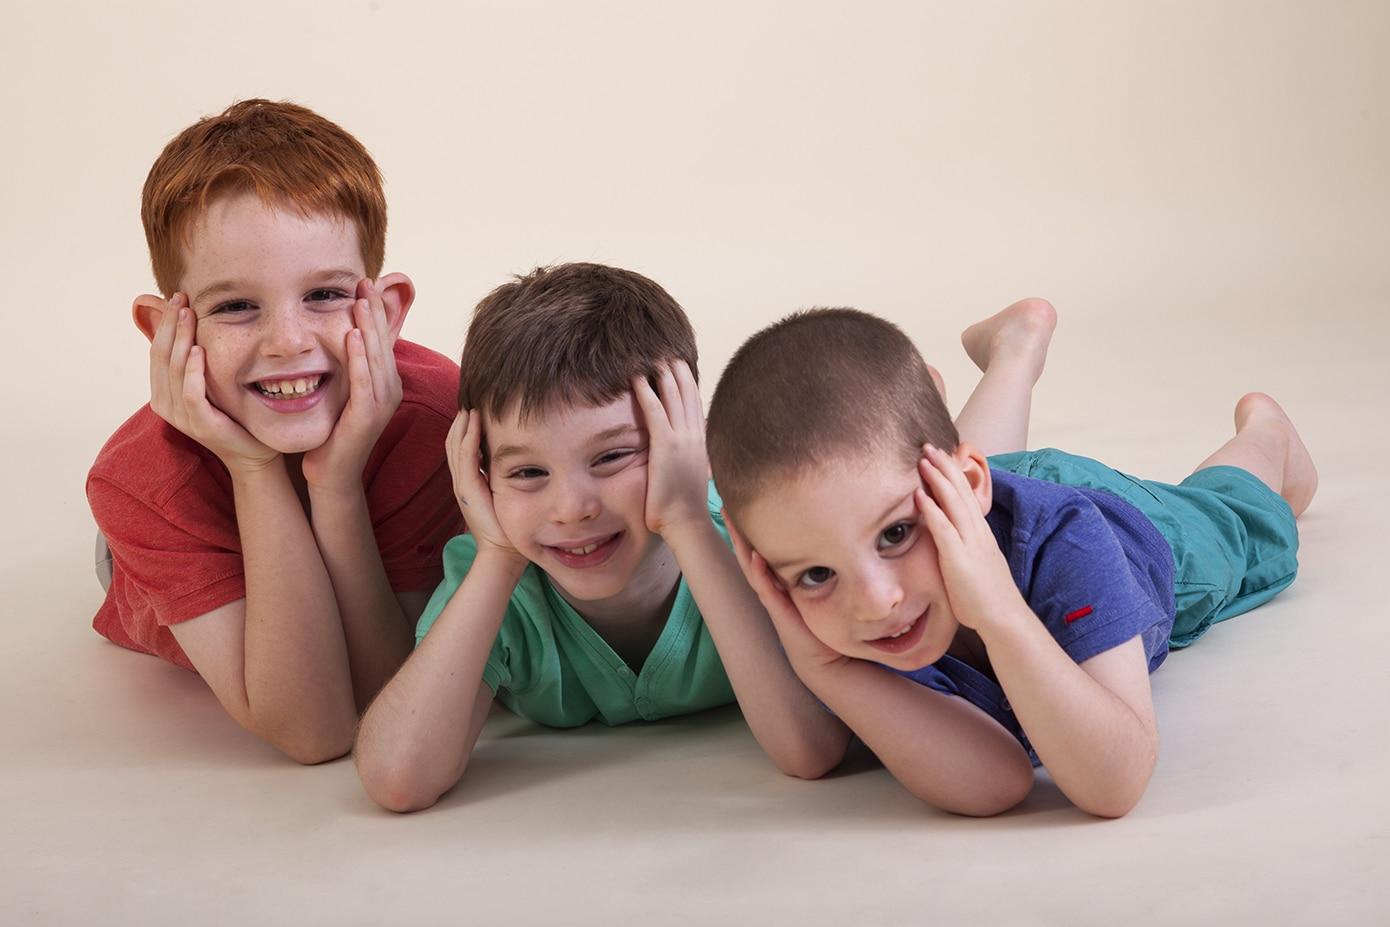 צילומי משפחה בסטודיו גיל לוין משפחת כהן ציון (4)